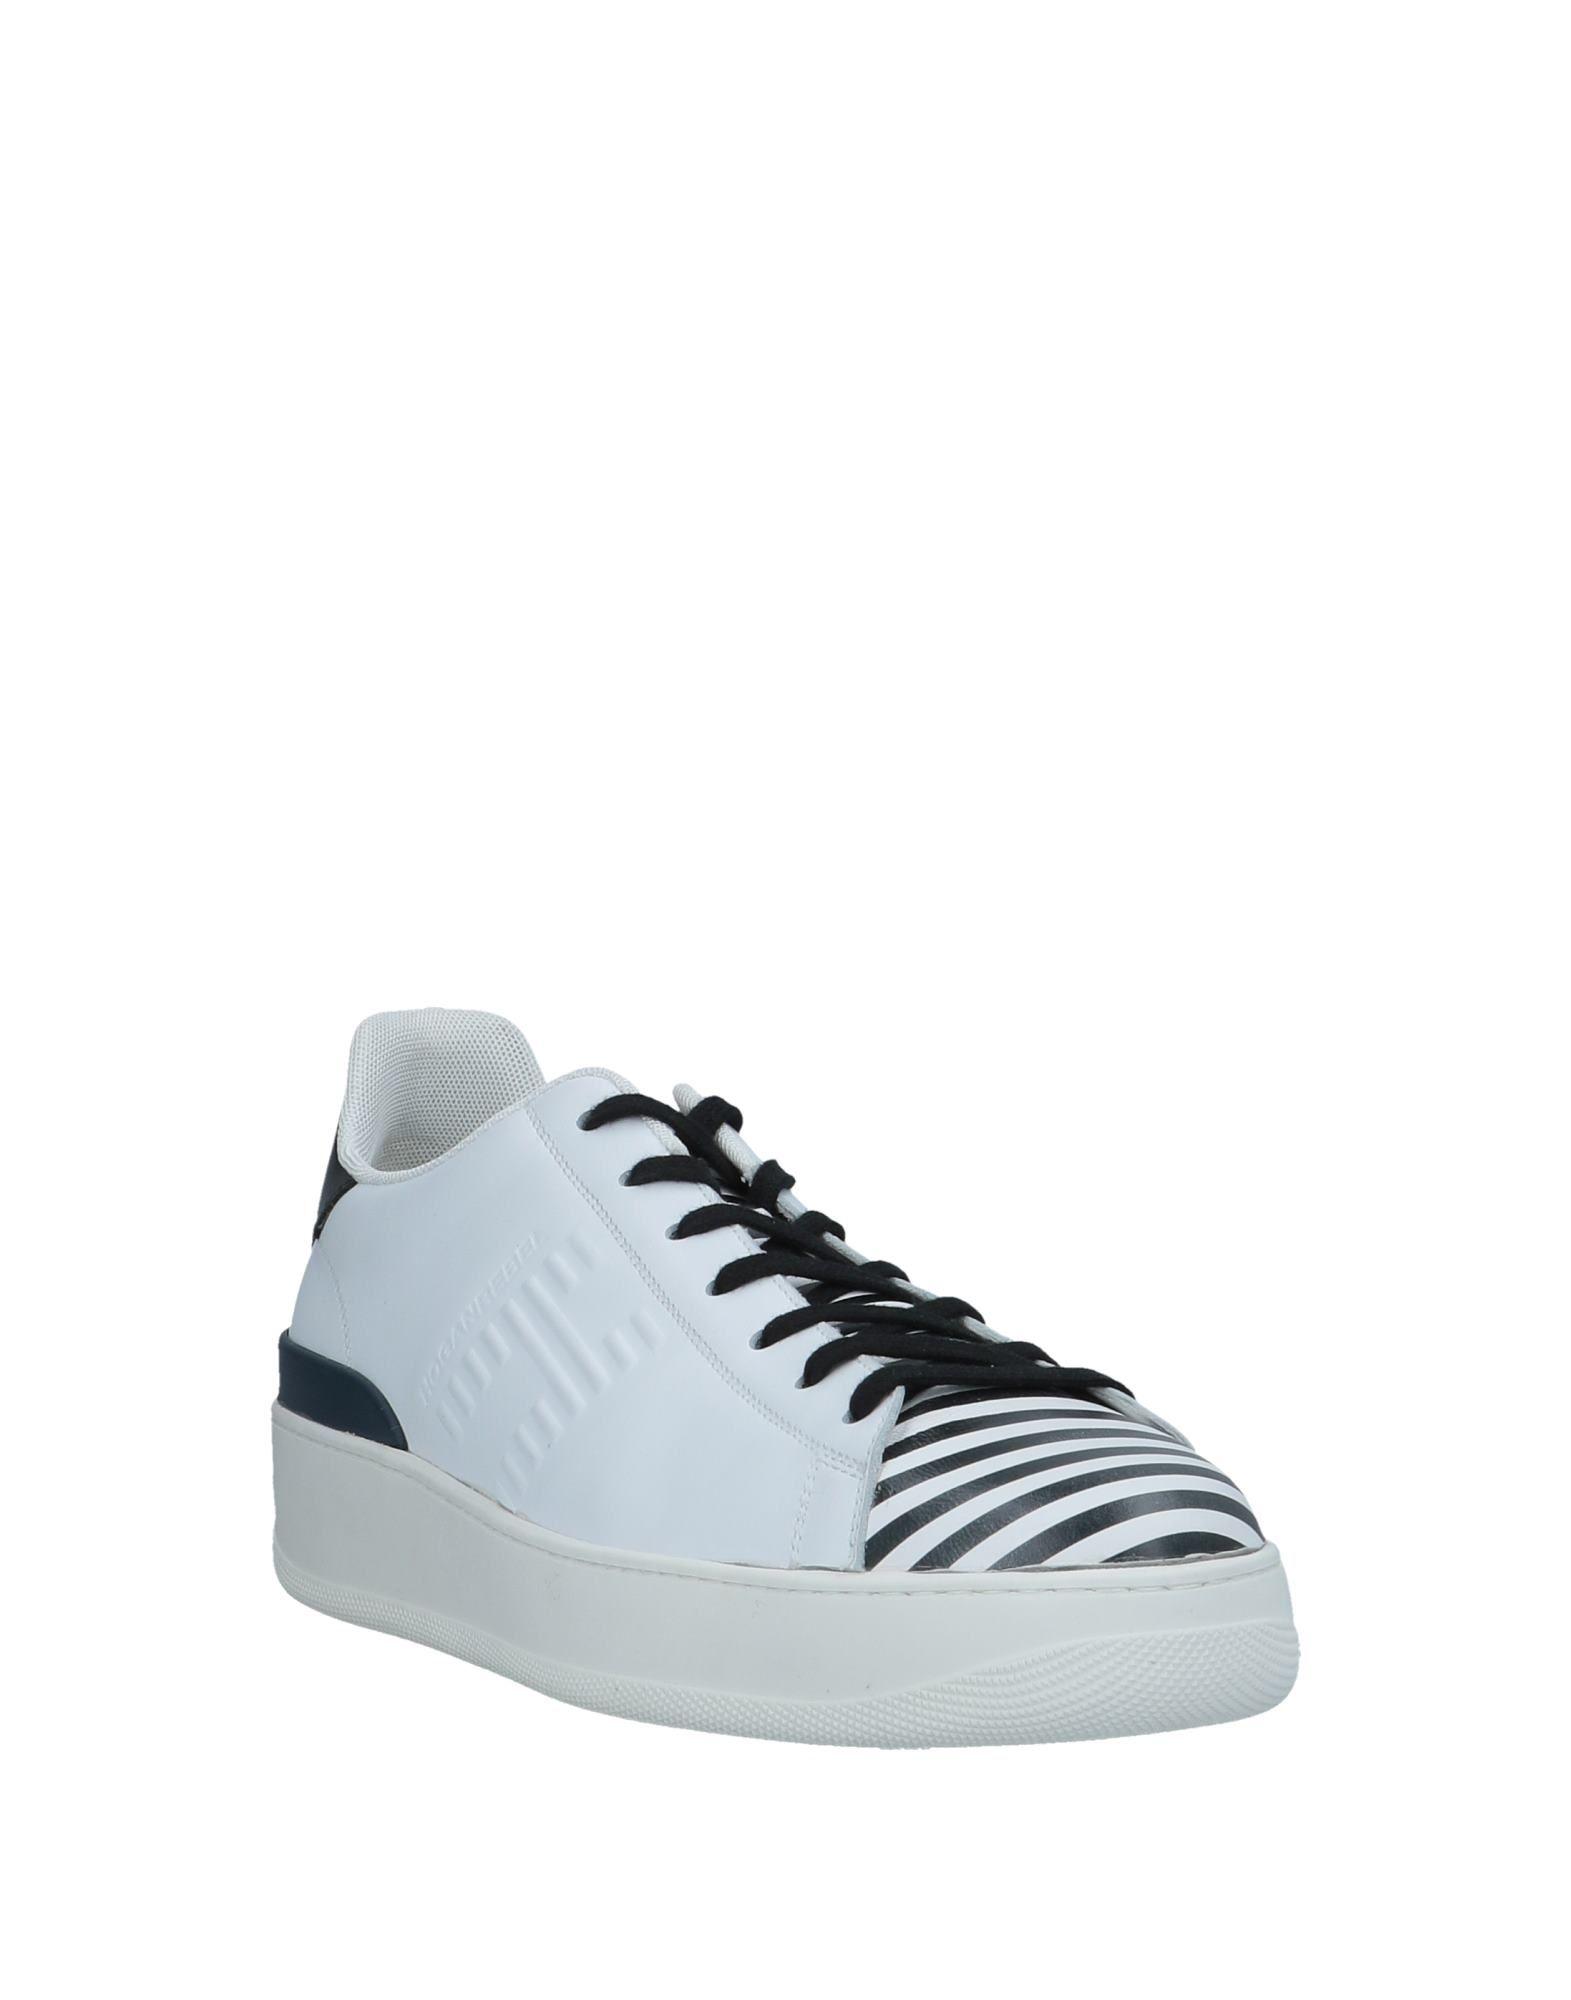 Hogan Rebel Gute Sneakers Herren  11541078XG Gute Rebel Qualität beliebte Schuhe b5a201